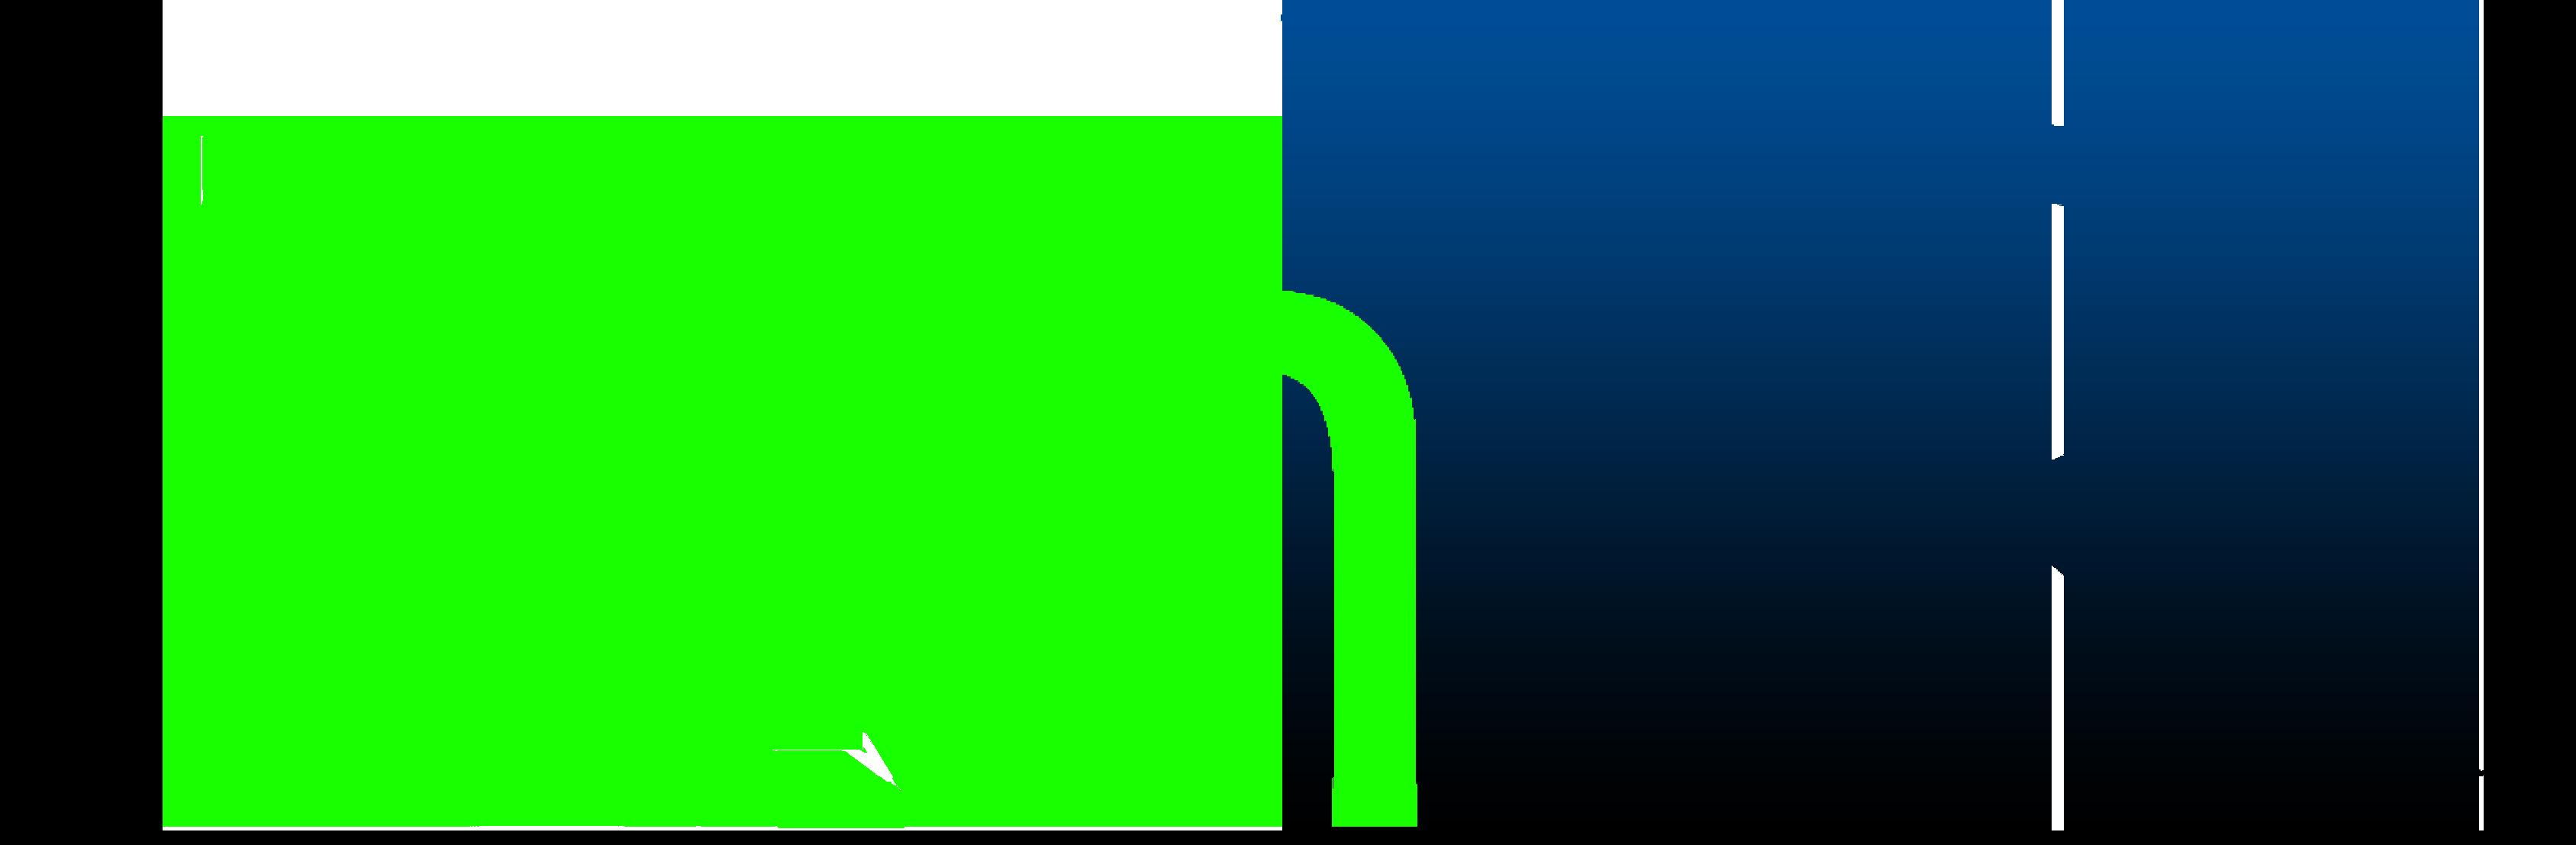 ZinVR, Corp.